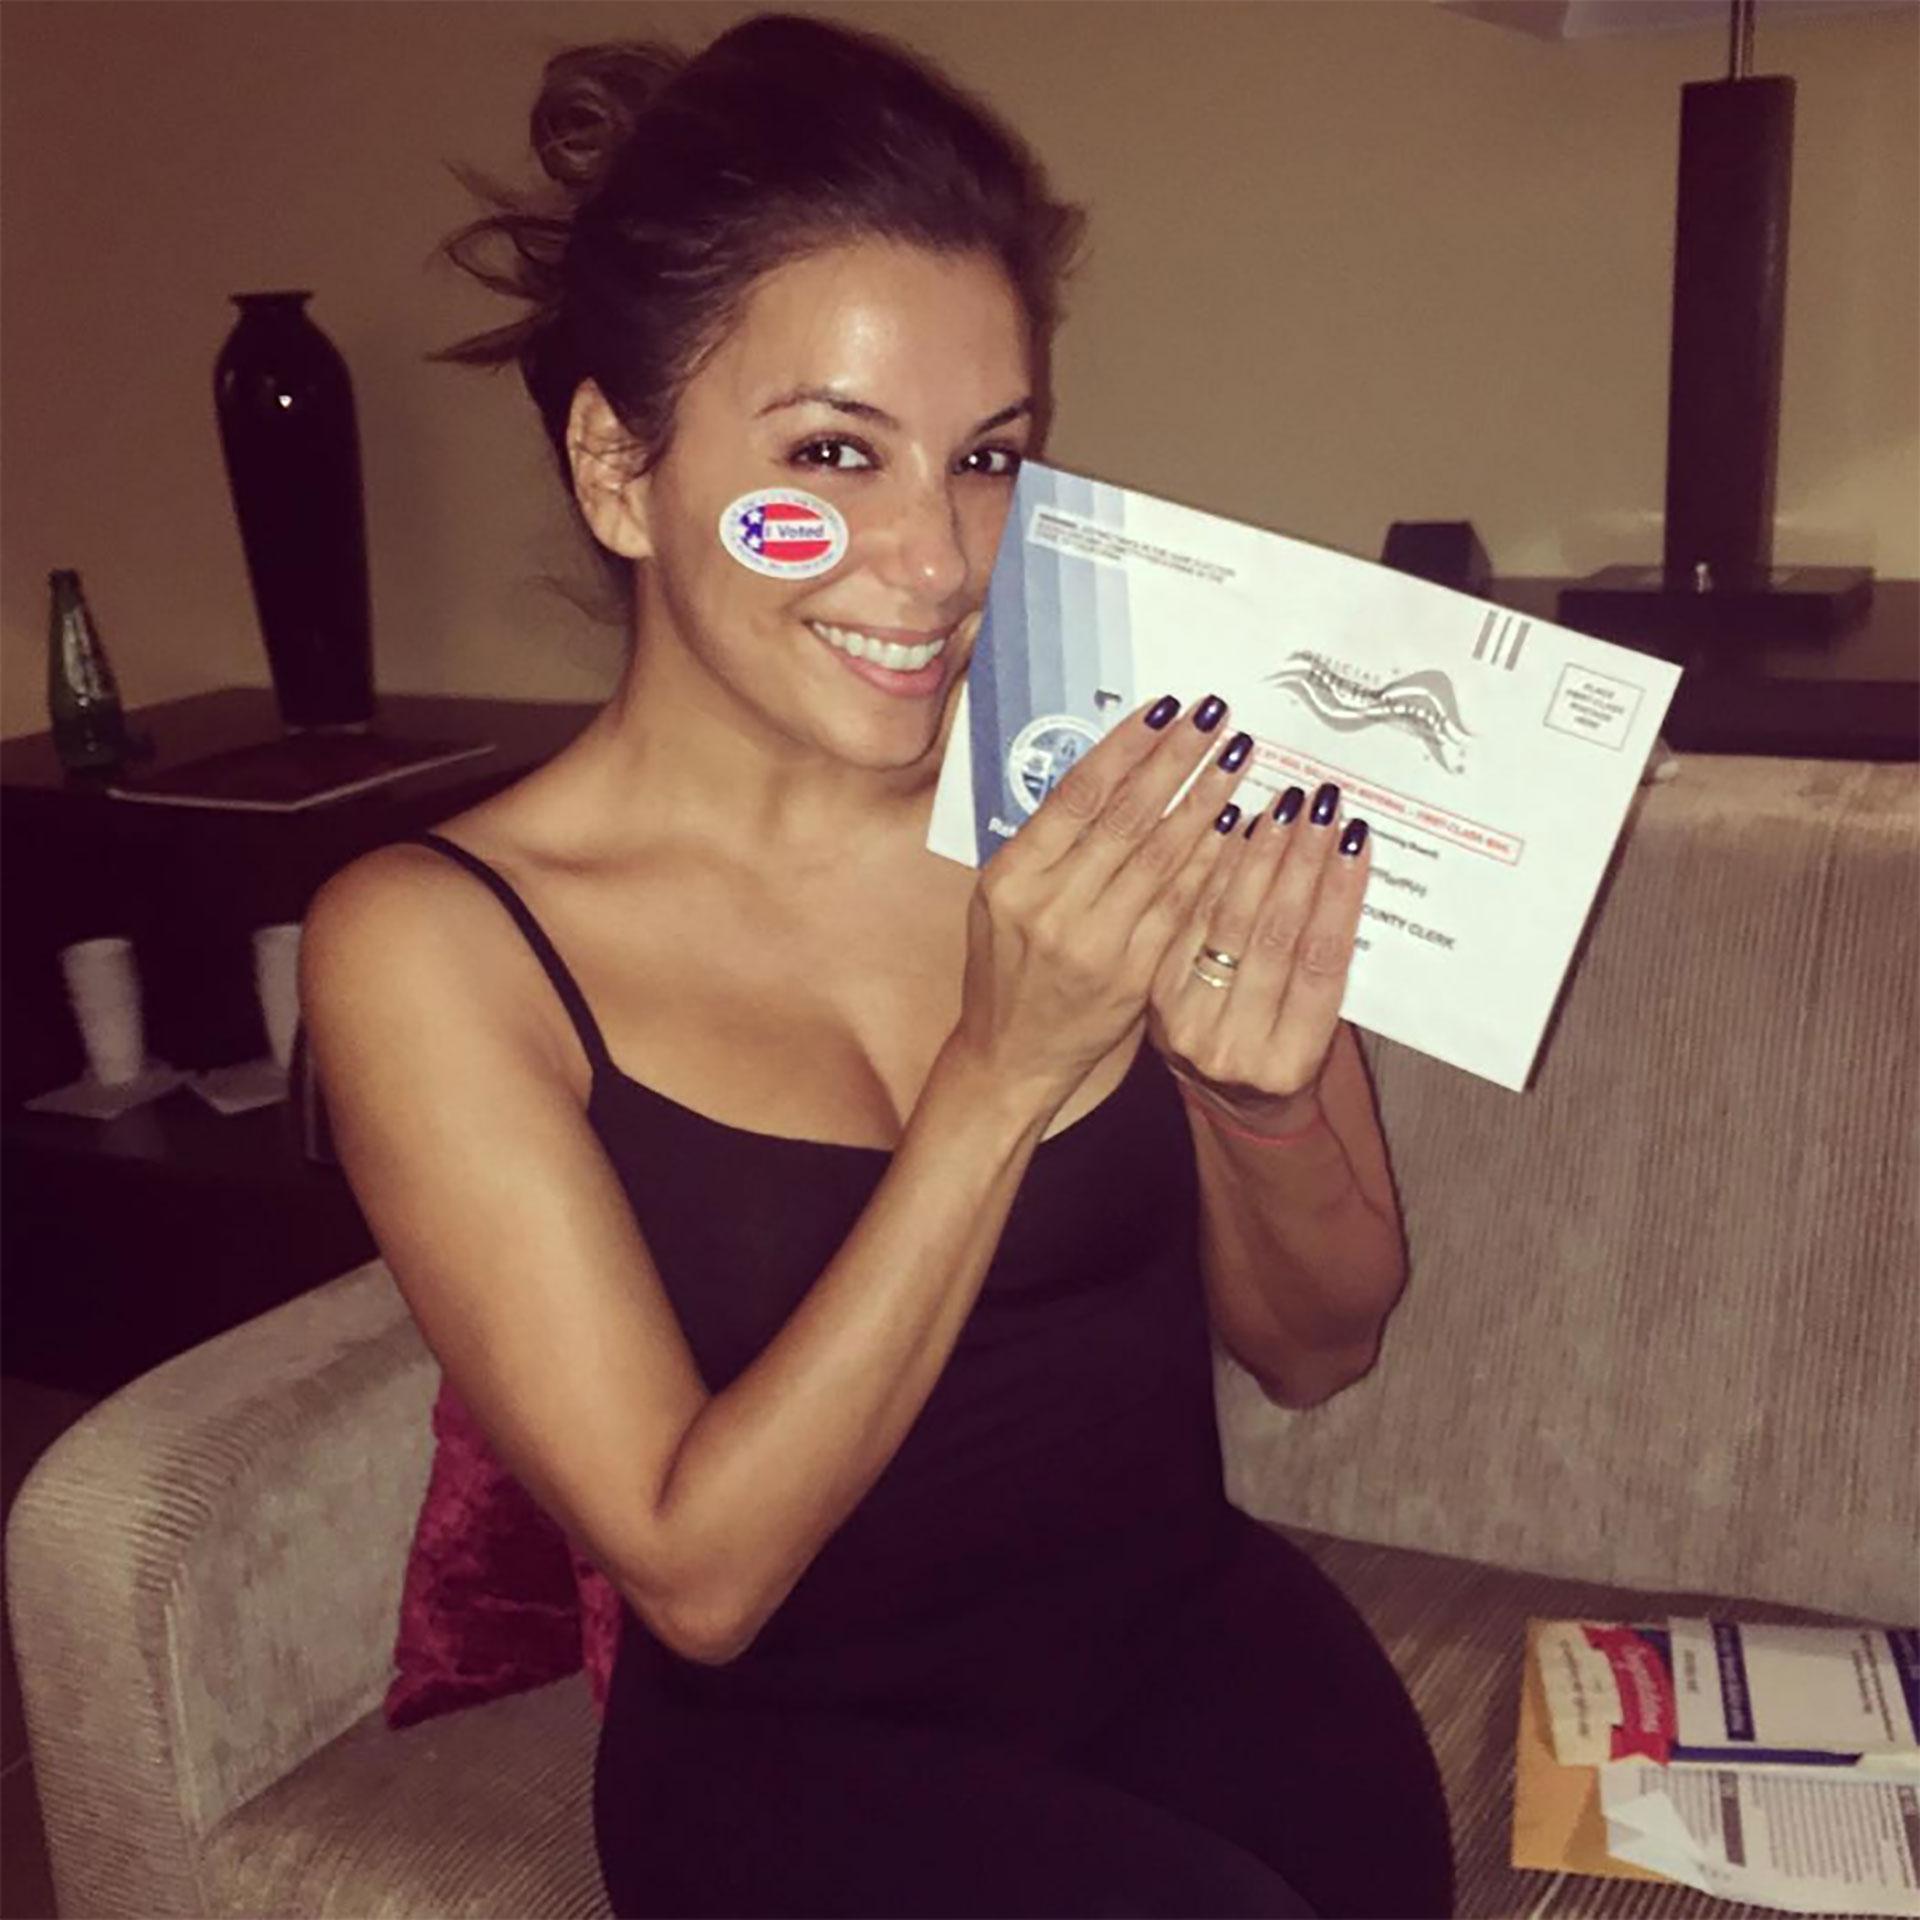 La actriz latina Eva Longoria, conocida por Desperate Housewives, hizo uso del voto anticipado